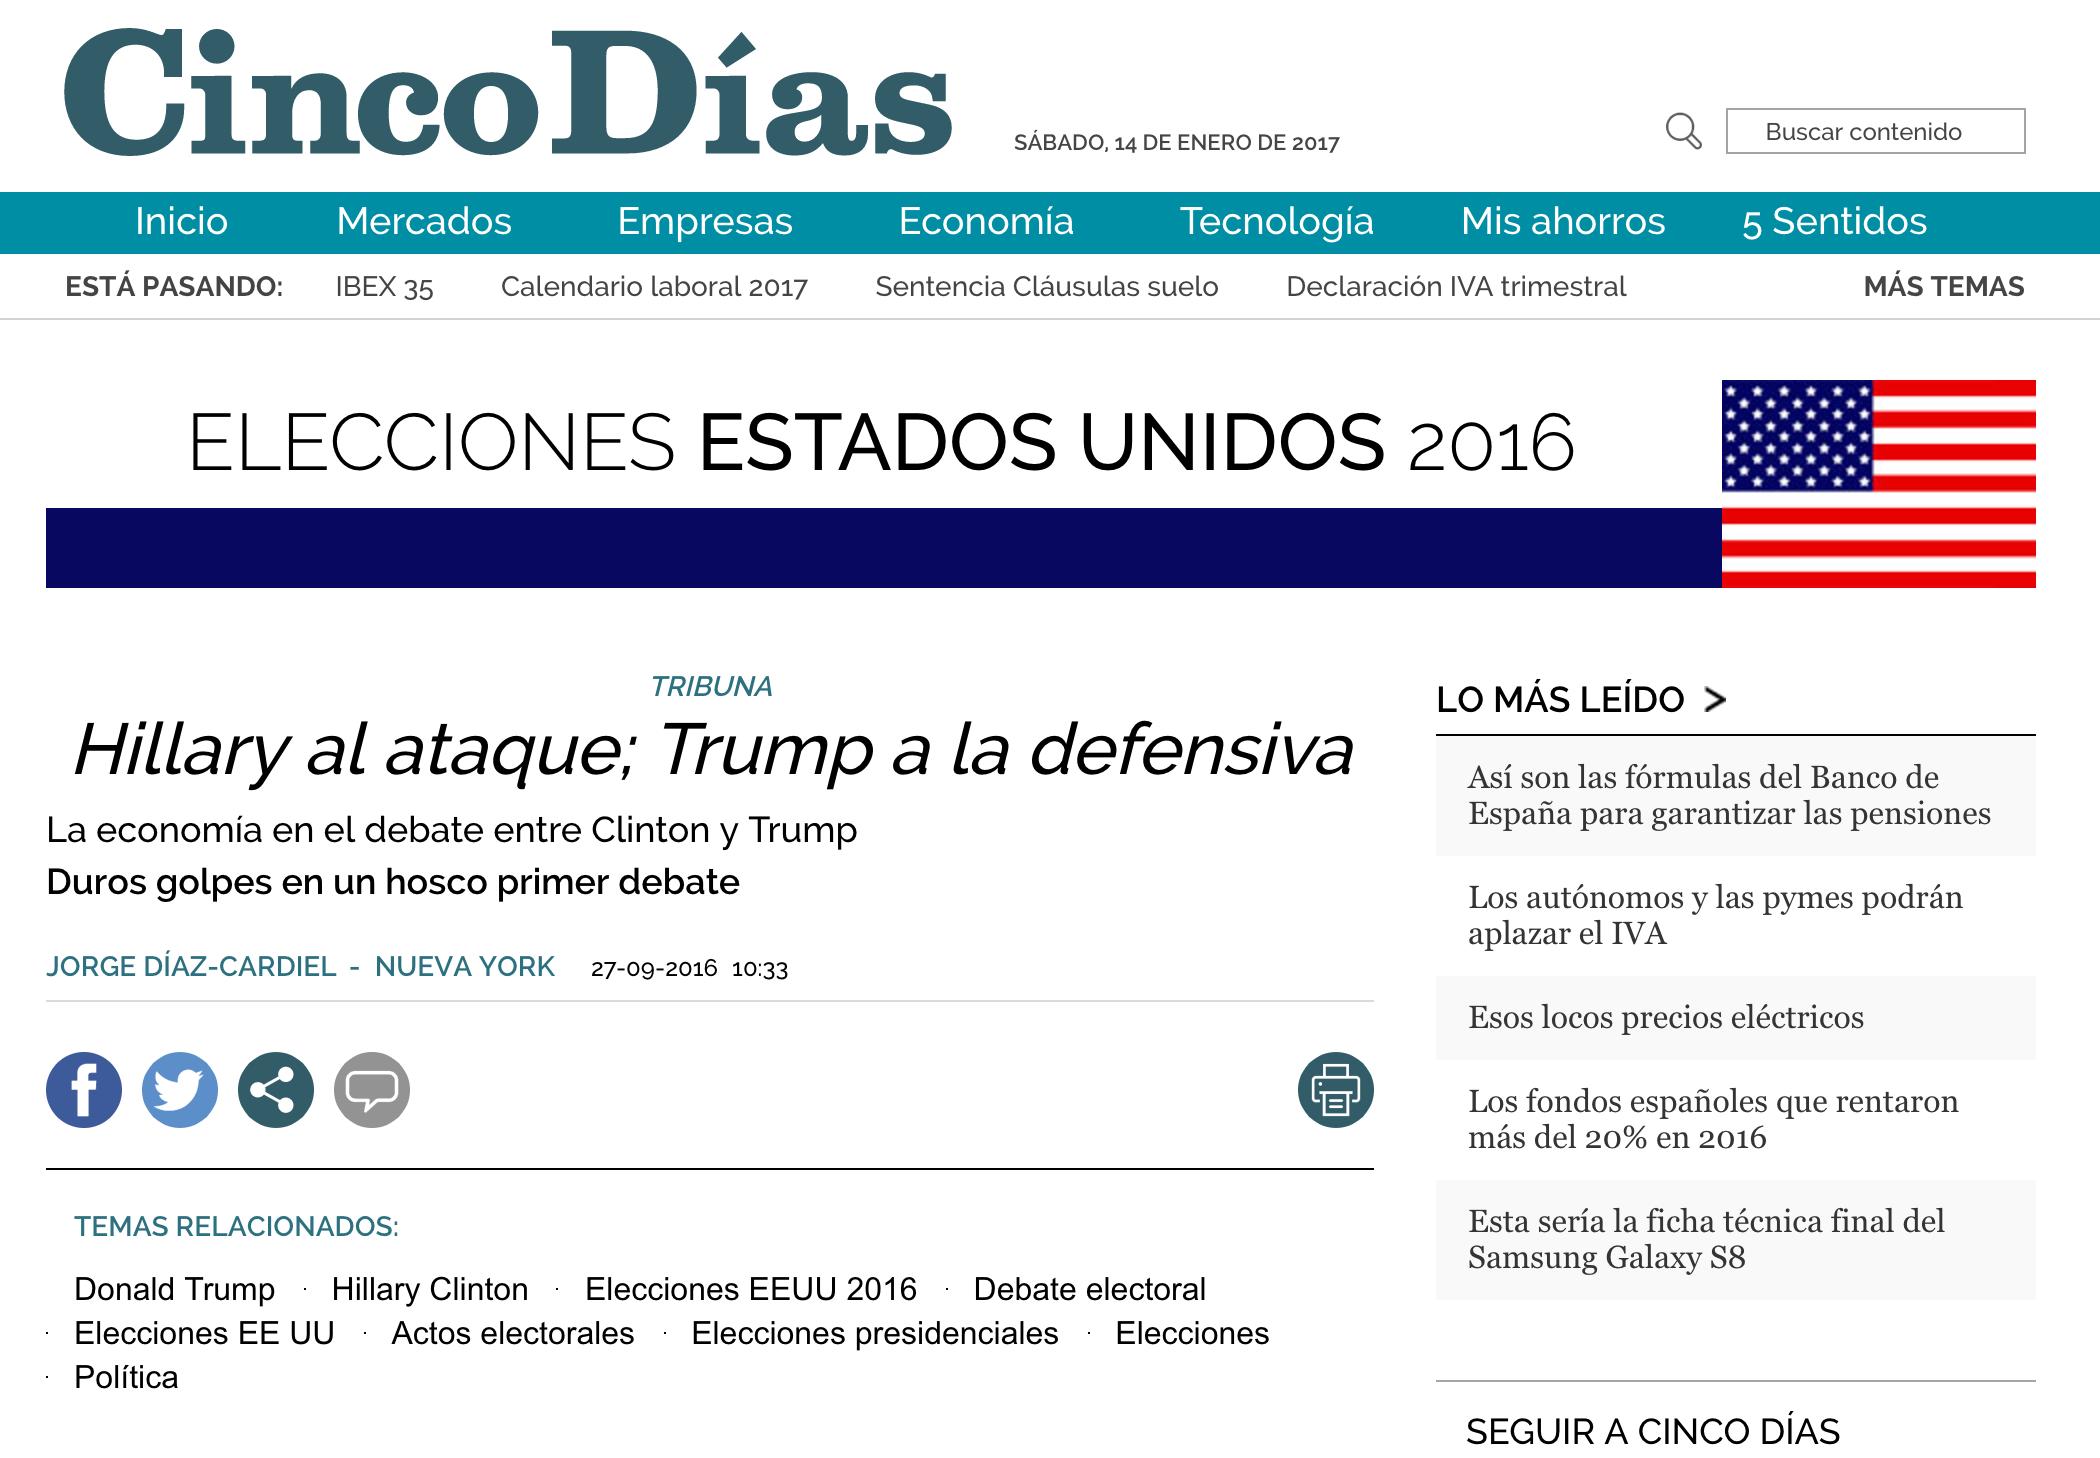 Articulo de Jorge Díaz-Cardiel sobre las elecciones americanas en 'Cinco Días'